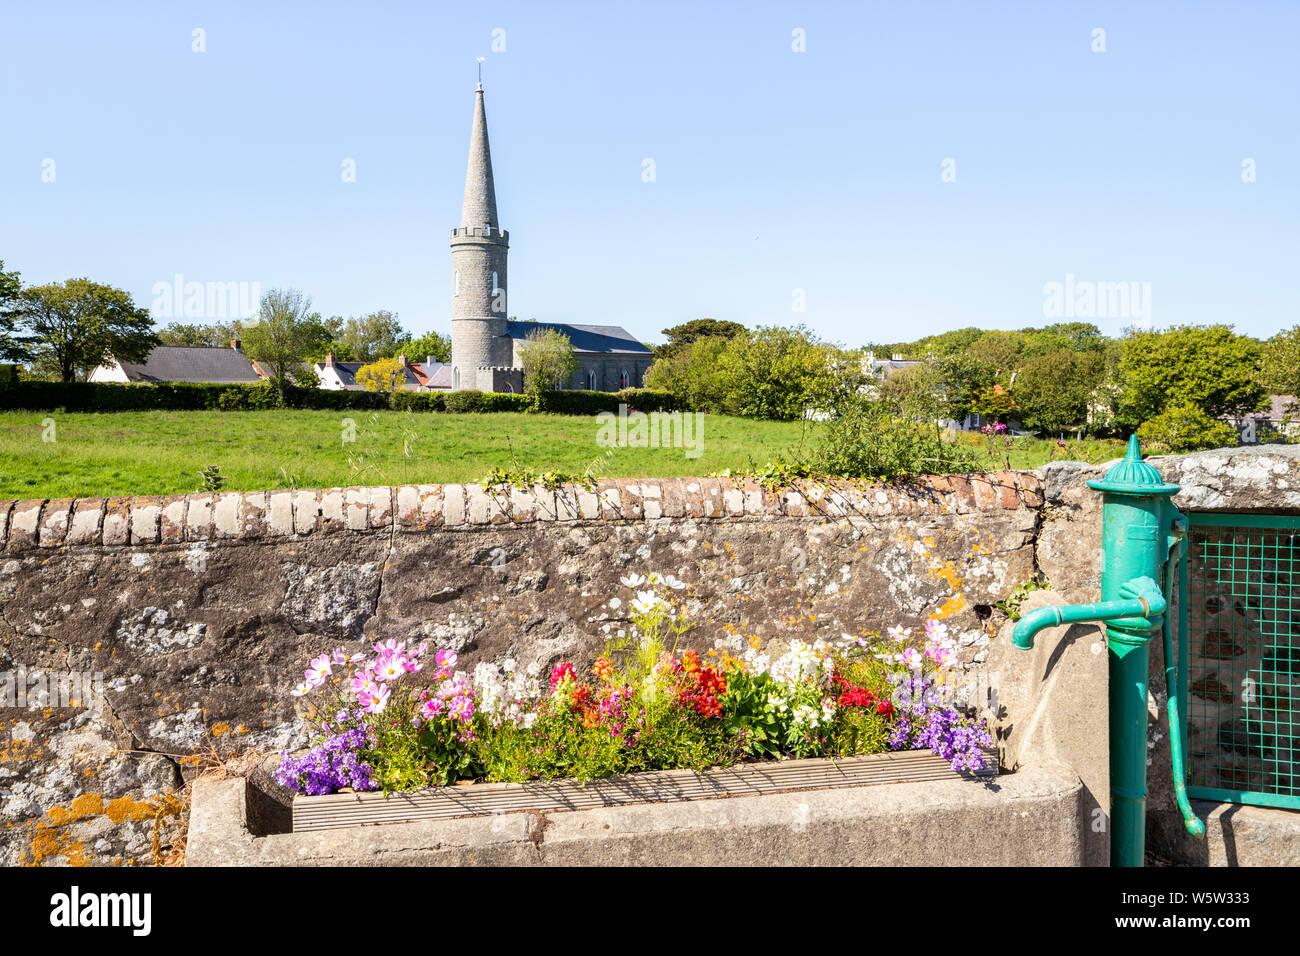 Flores en un viejo comedero de agua junto a una bomba en Torteval, Guernsey, Islas del Canal UK Foto de stock